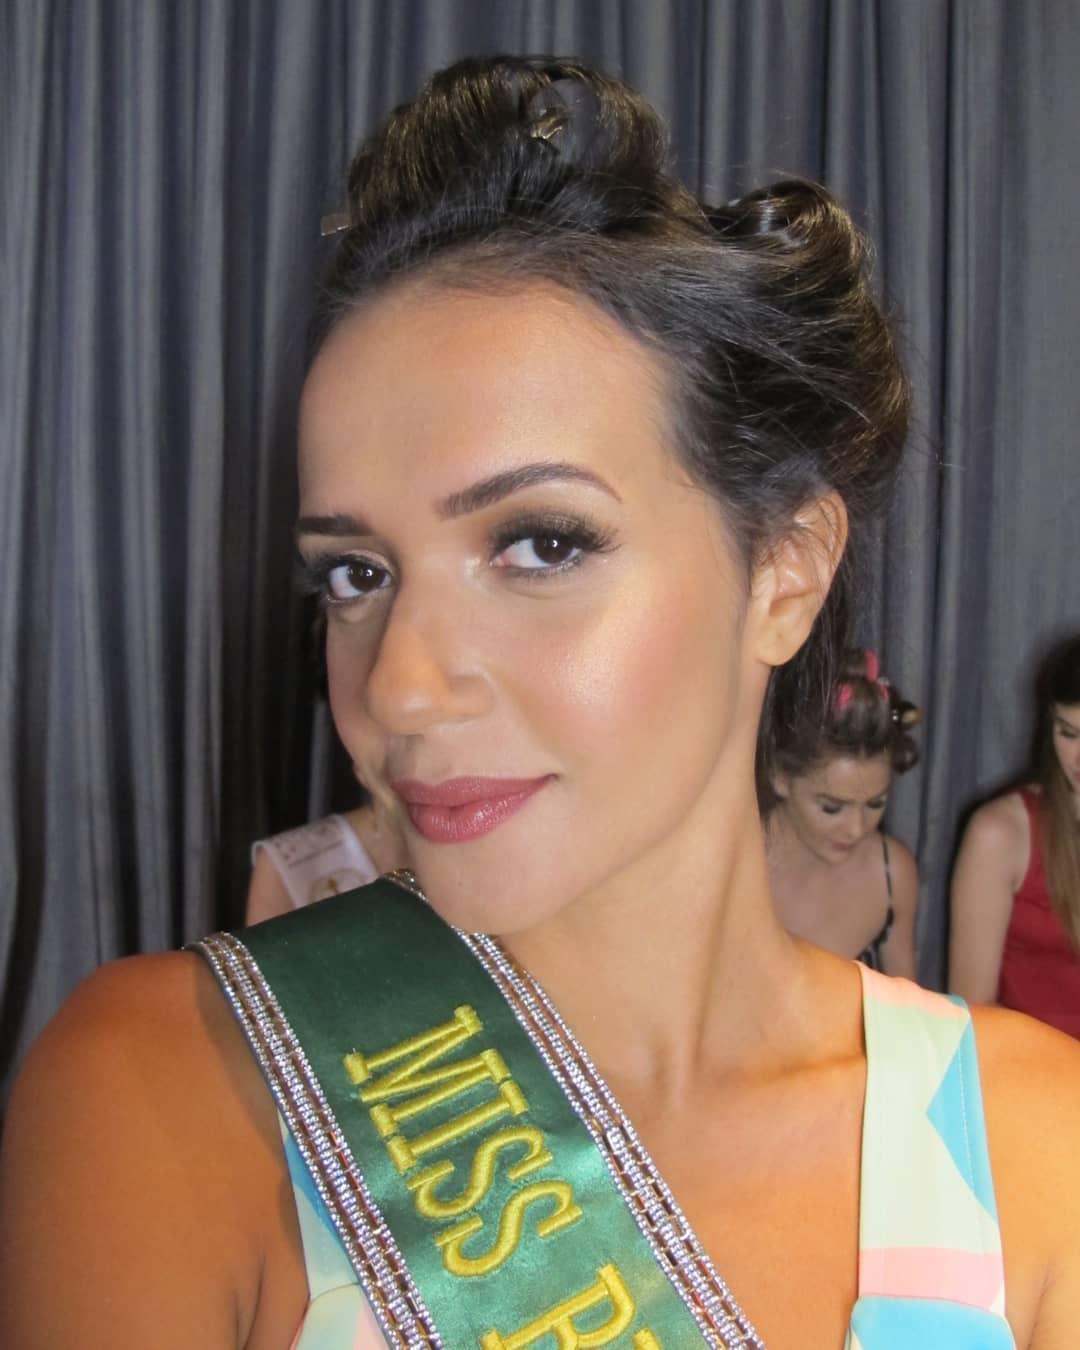 flavia polido, miss supranational abcd 2020/miss brasil intercontinental 2018-2019. - Página 3 49907111